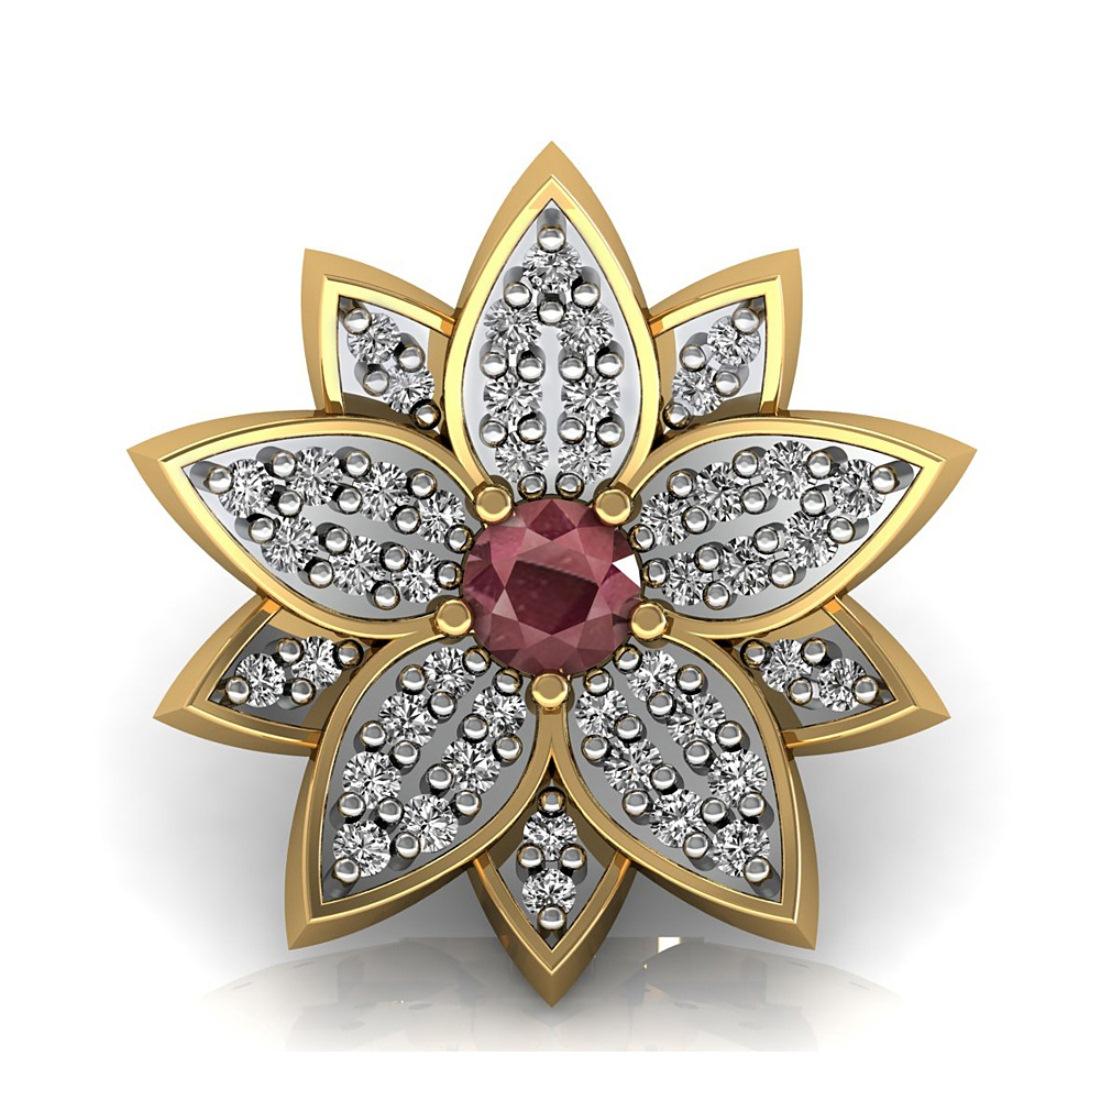 Diamond pendent in Flower Design